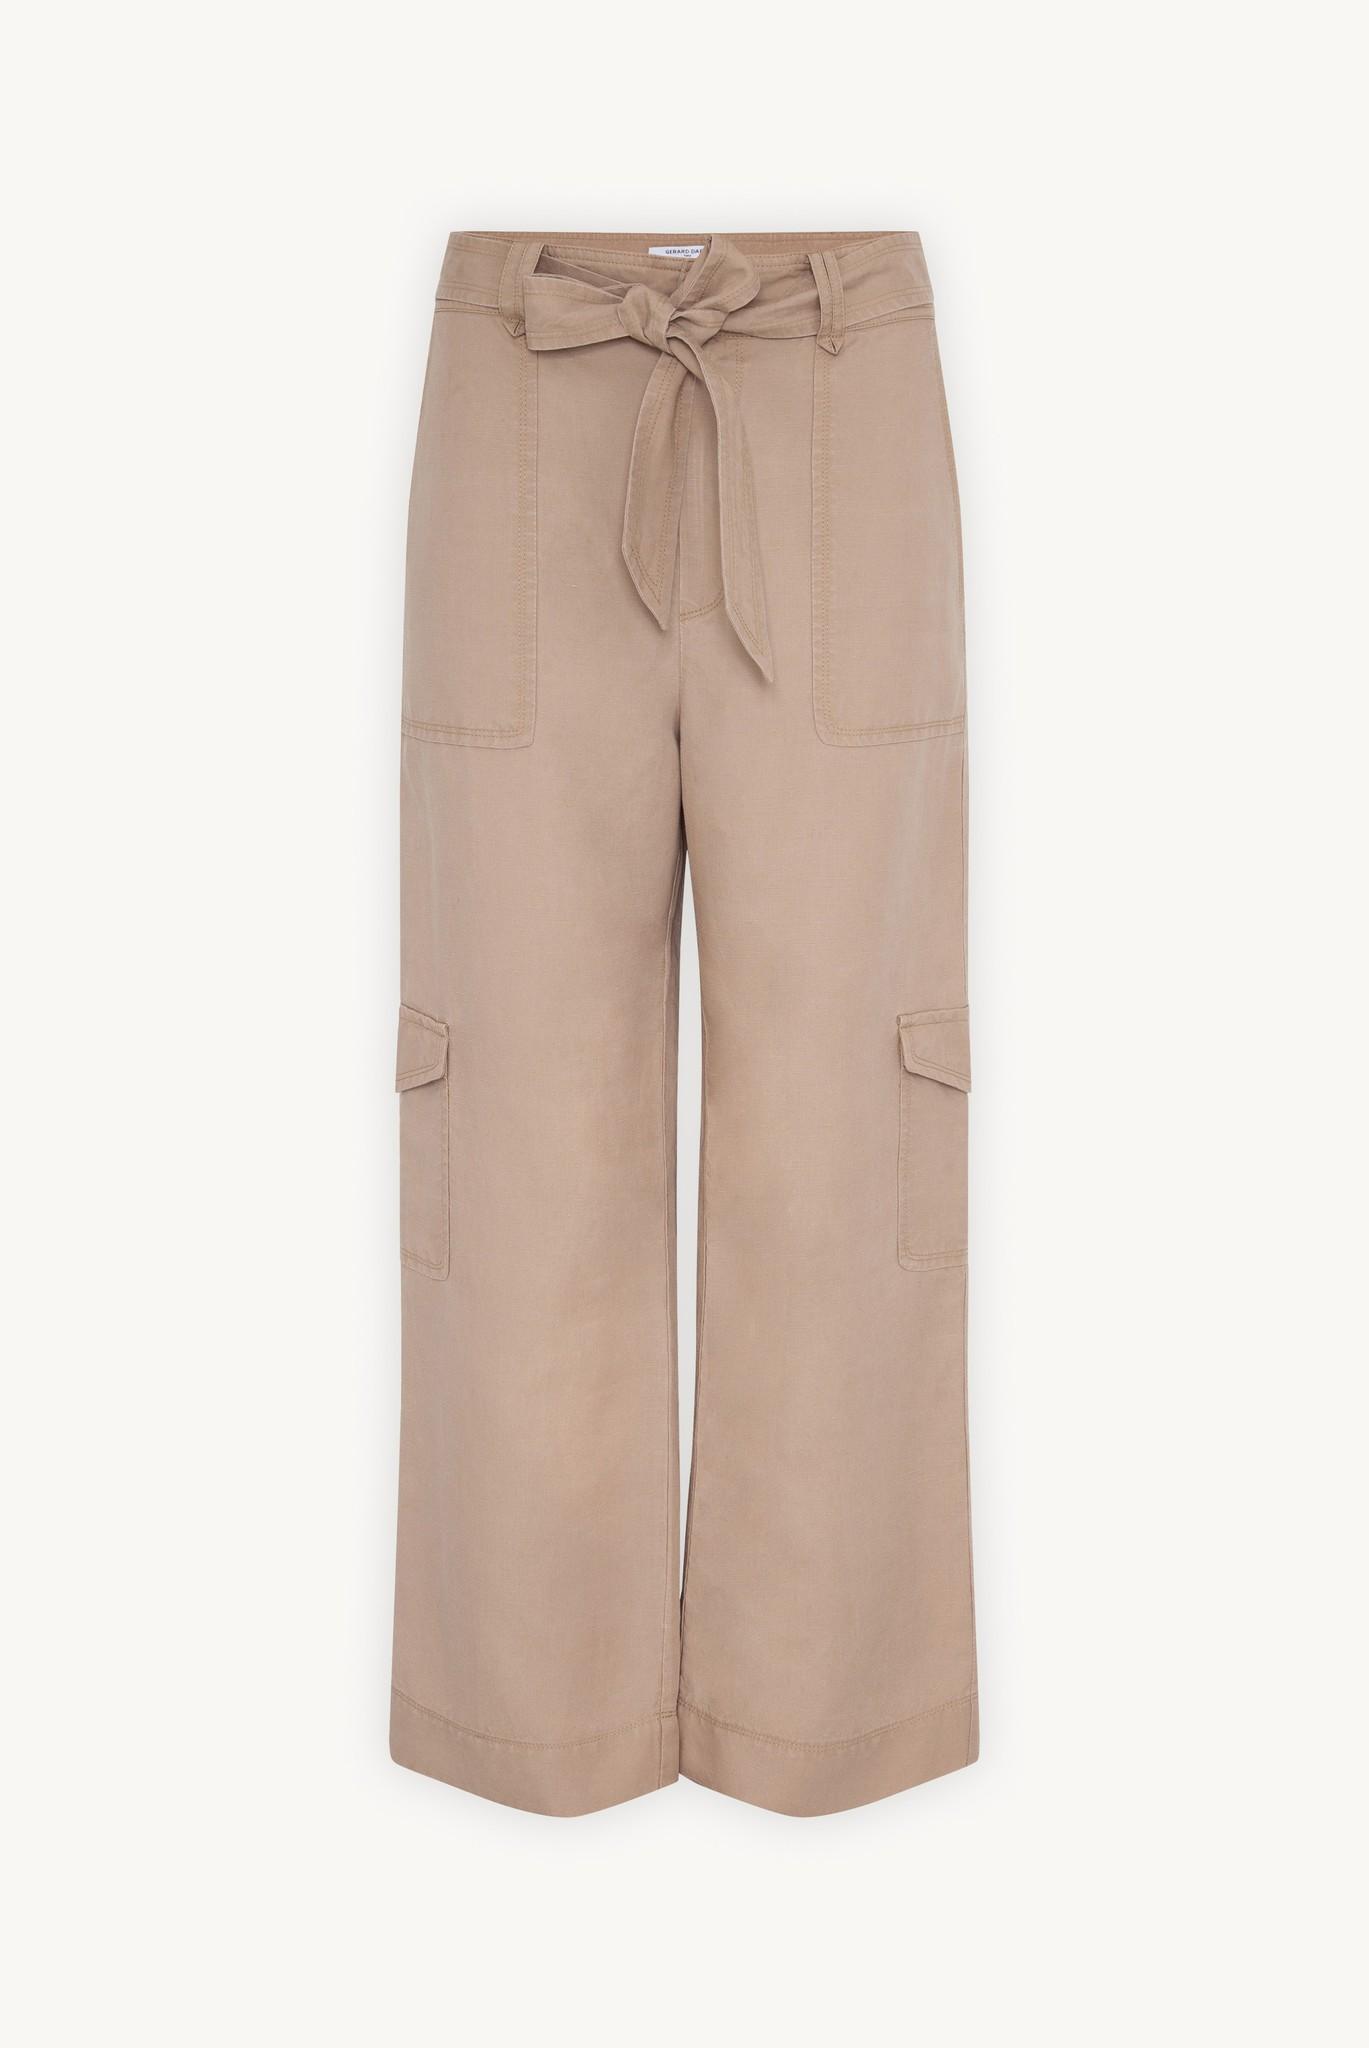 MAURA - брюки-карго изо льна